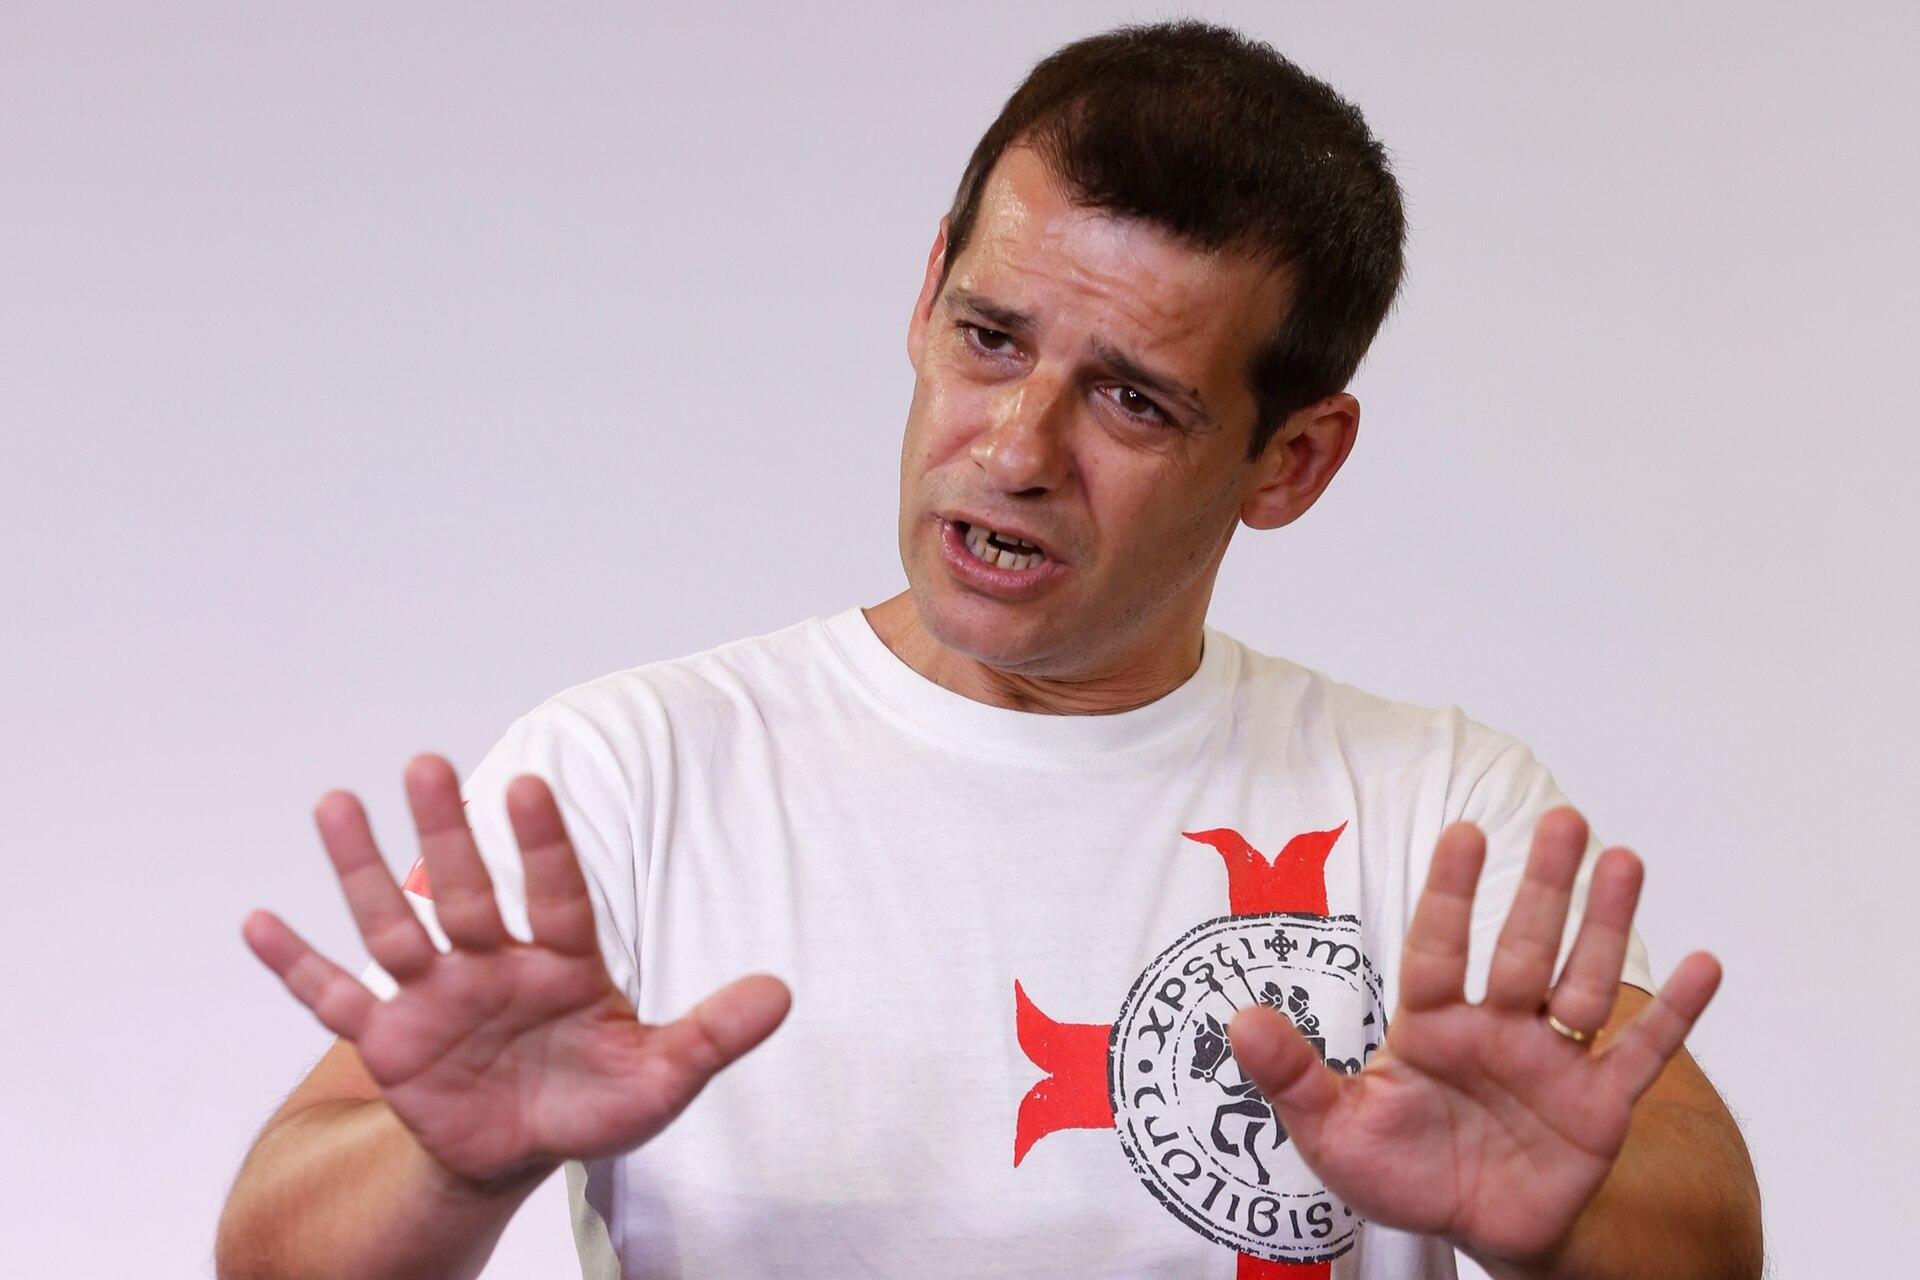 Martín Bilyk, además de humorista es guionista. Trabaja de lunes a viernes en Plato fuerte, en radio Nacional. En televisión, en Periodismo para todos, los domingos en El Trece. Dentro de su abanico de personajes se destacan: Carrió, Aníbal Fernández y Larreta